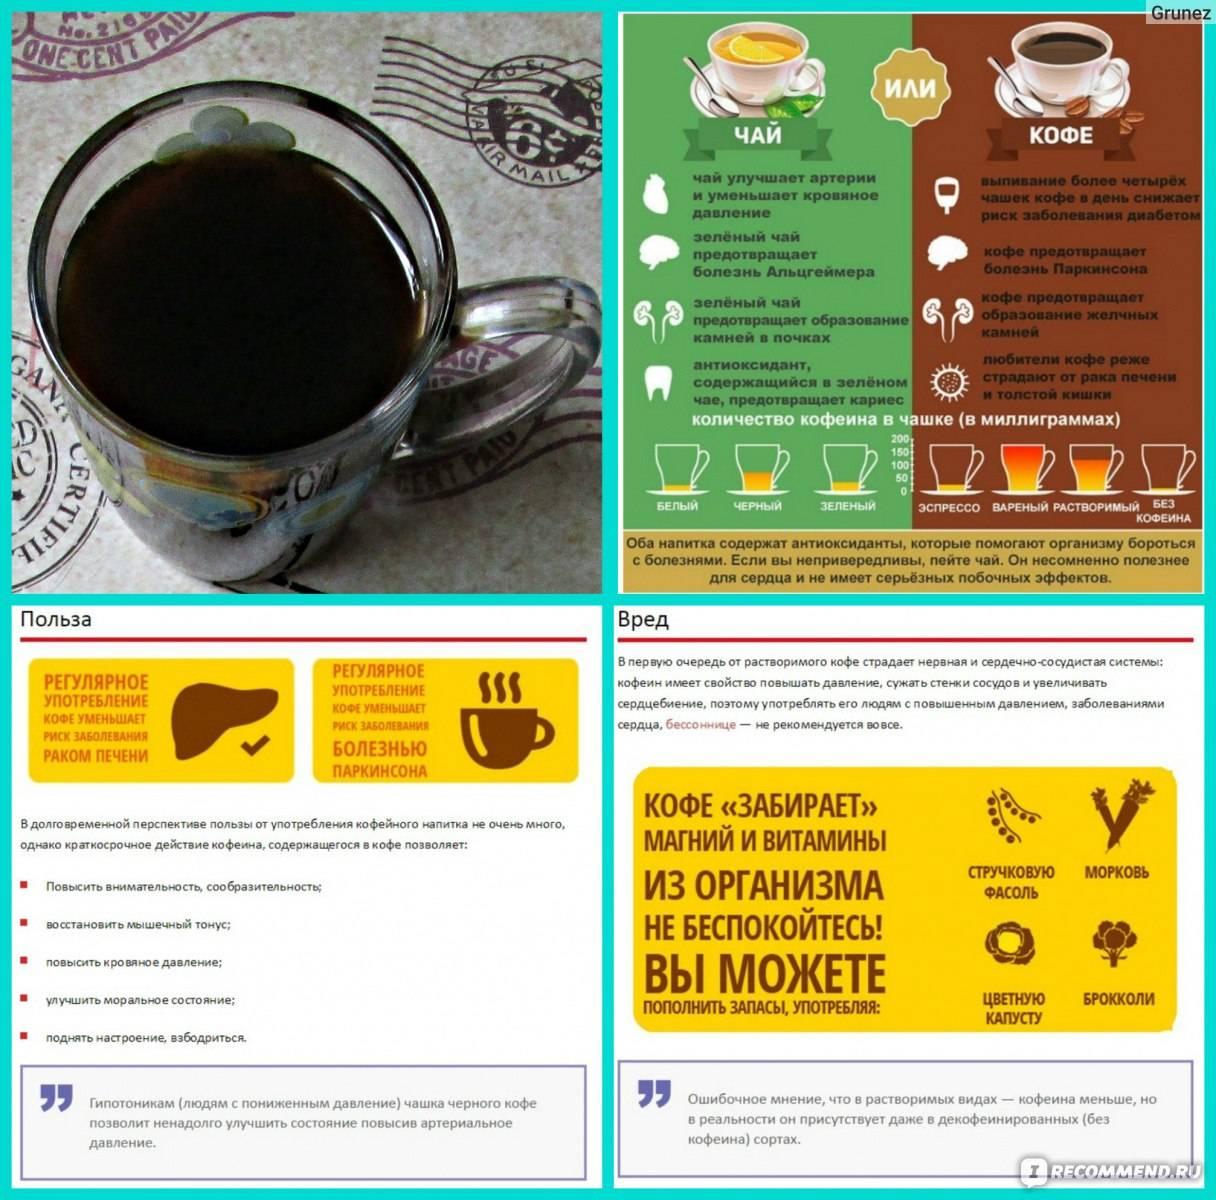 Сколько чашек кофе можно пить в день польза и вред кофе, можно ли пить беременным?